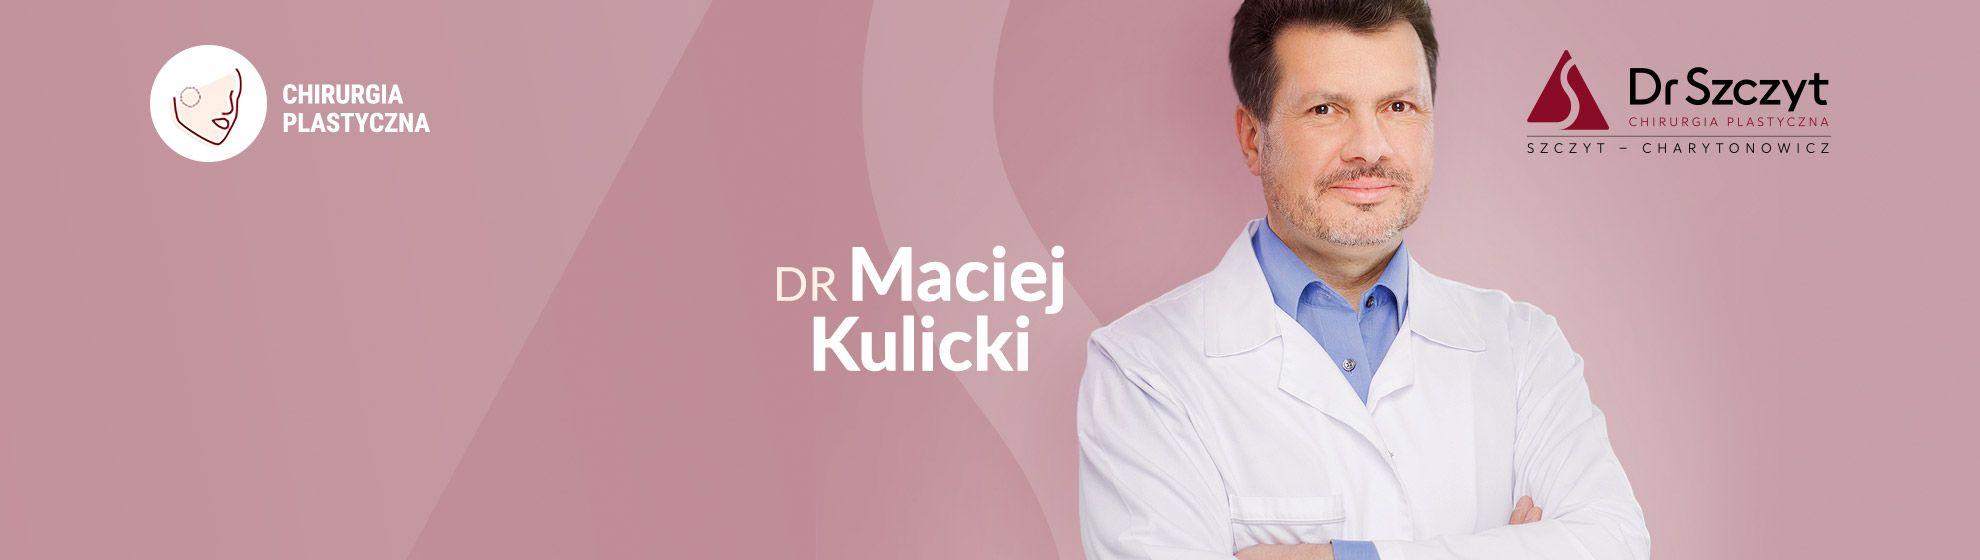 Dr Maciej Kulicki - Klinika Dr Szczyt